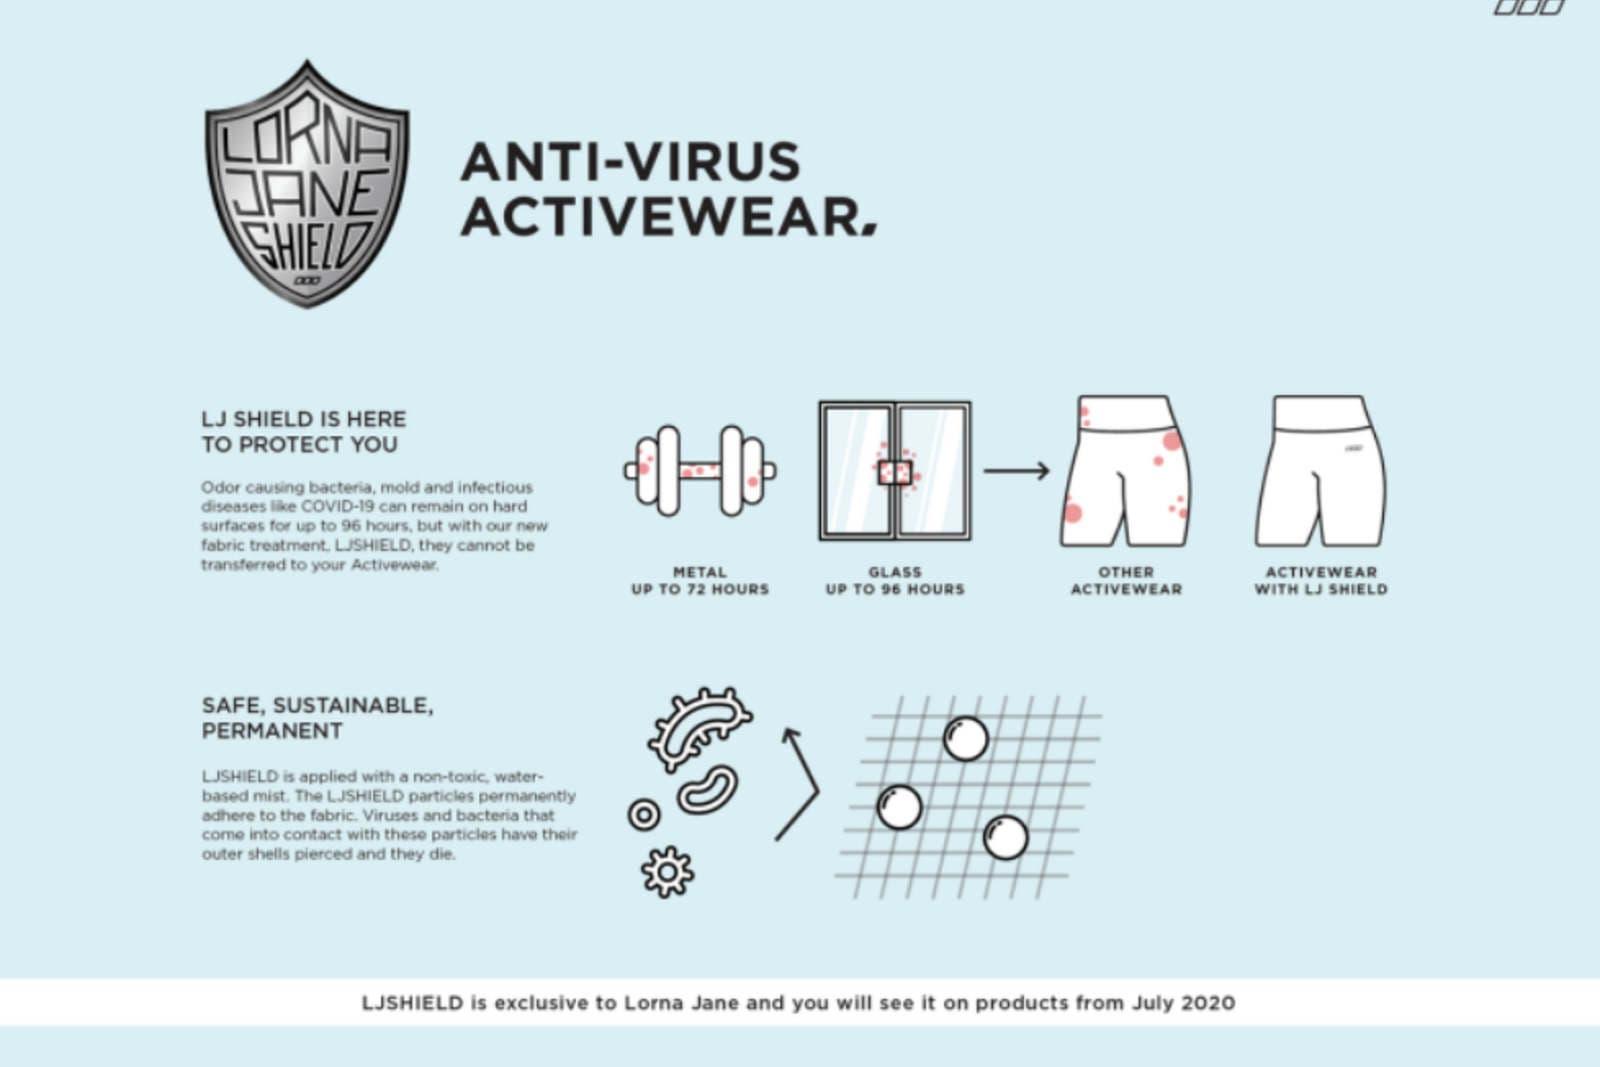 الشرح الذي نشرته الماركة على موقعها لتفسير كيف تحمي ملابسها من الفيروسات